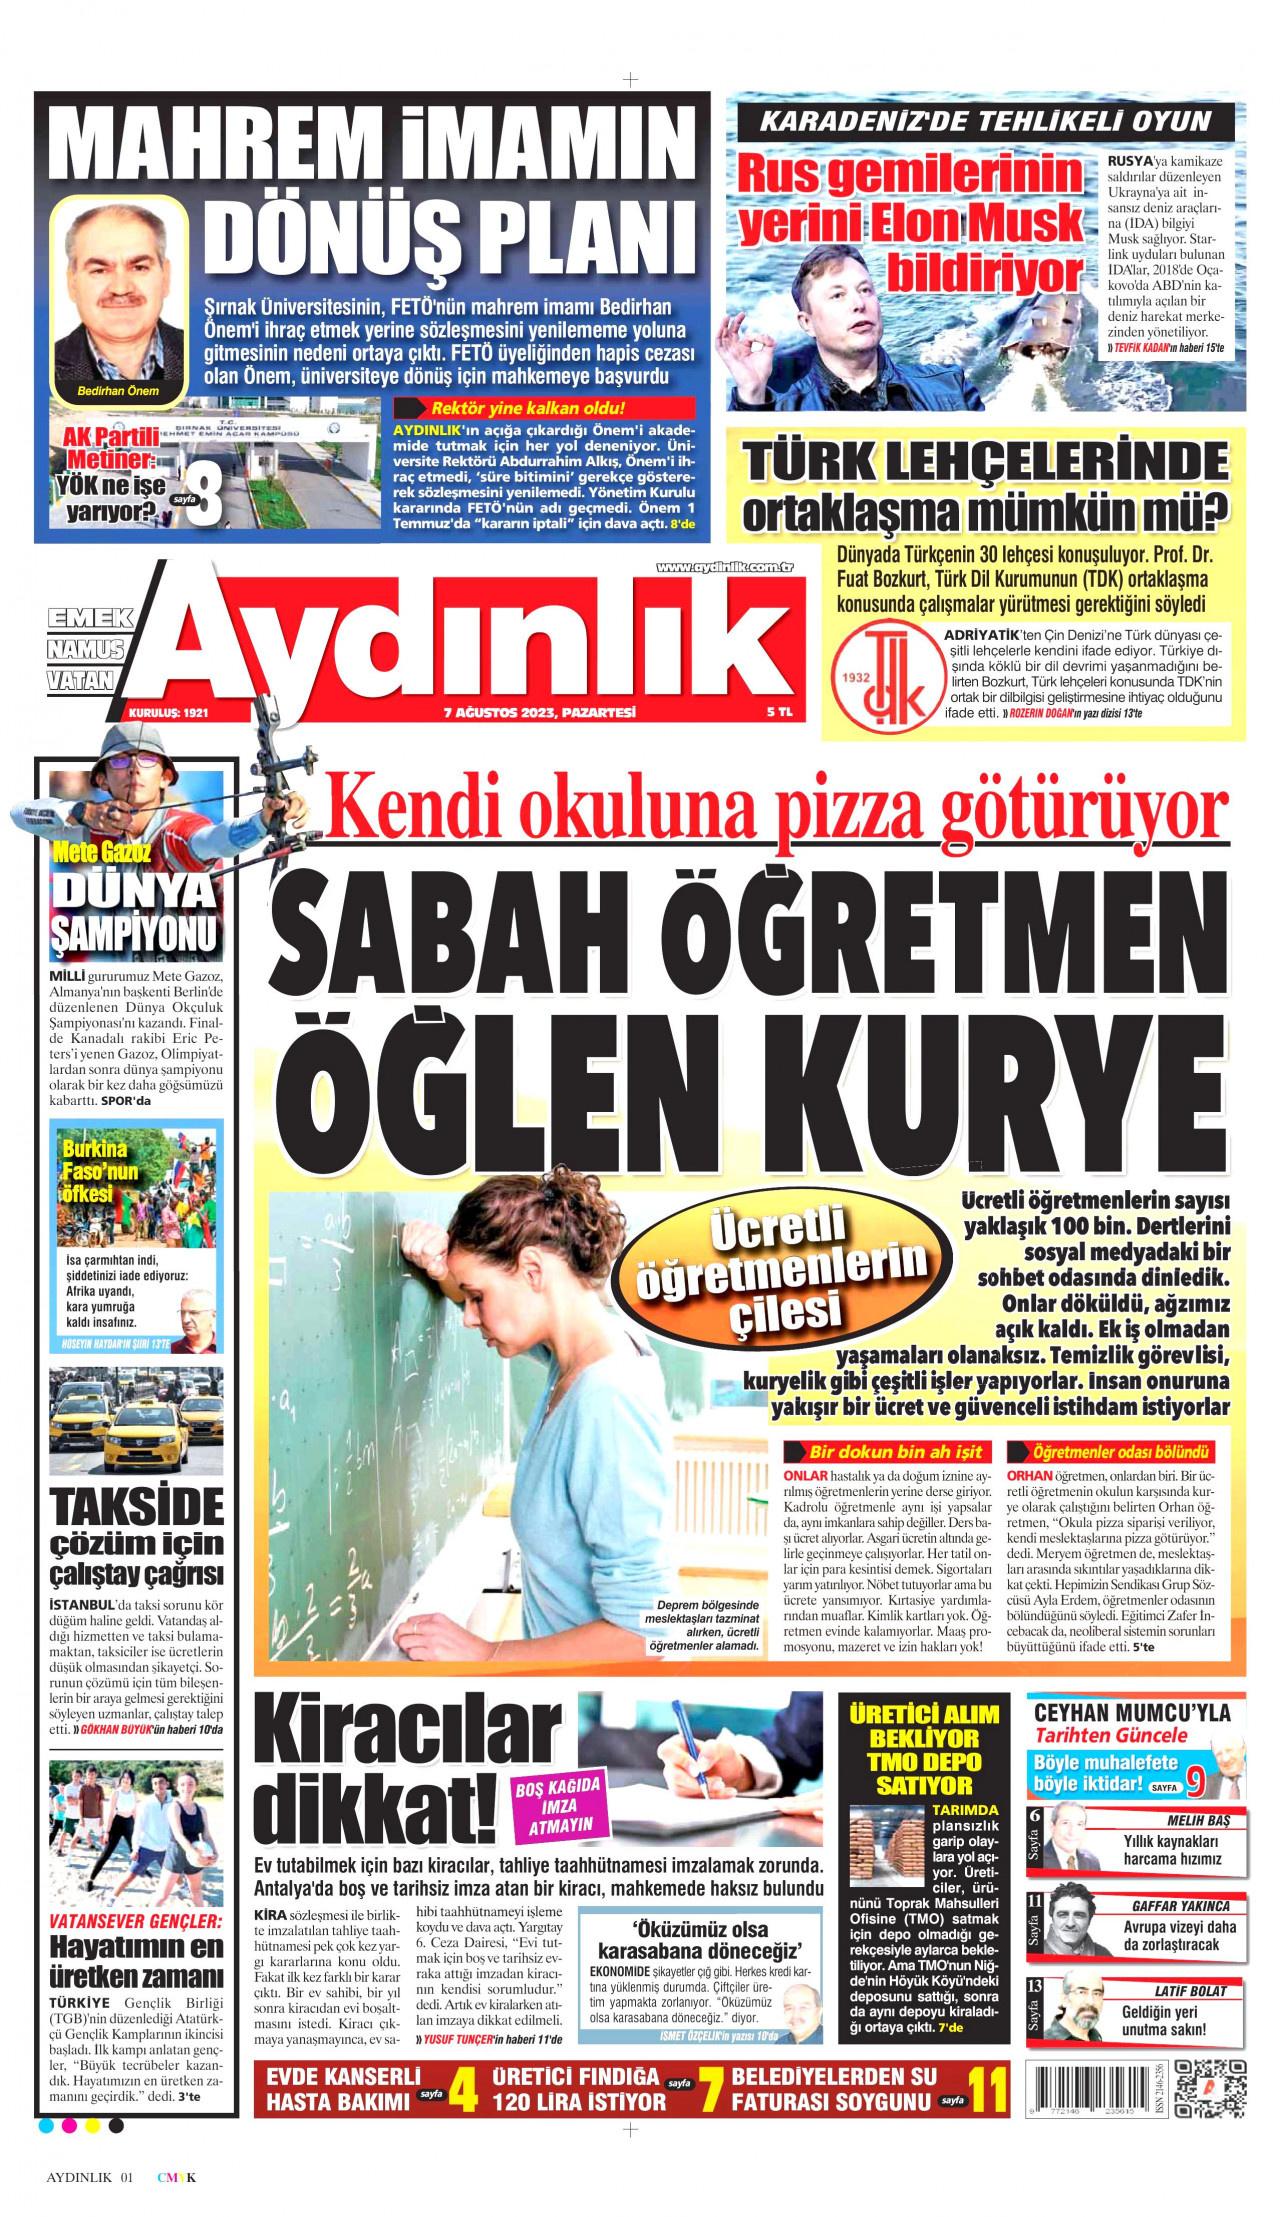 Aydinlik Gazetesi Gazetesi 16 04 2019 Gürpınarın Yükselen Sesi